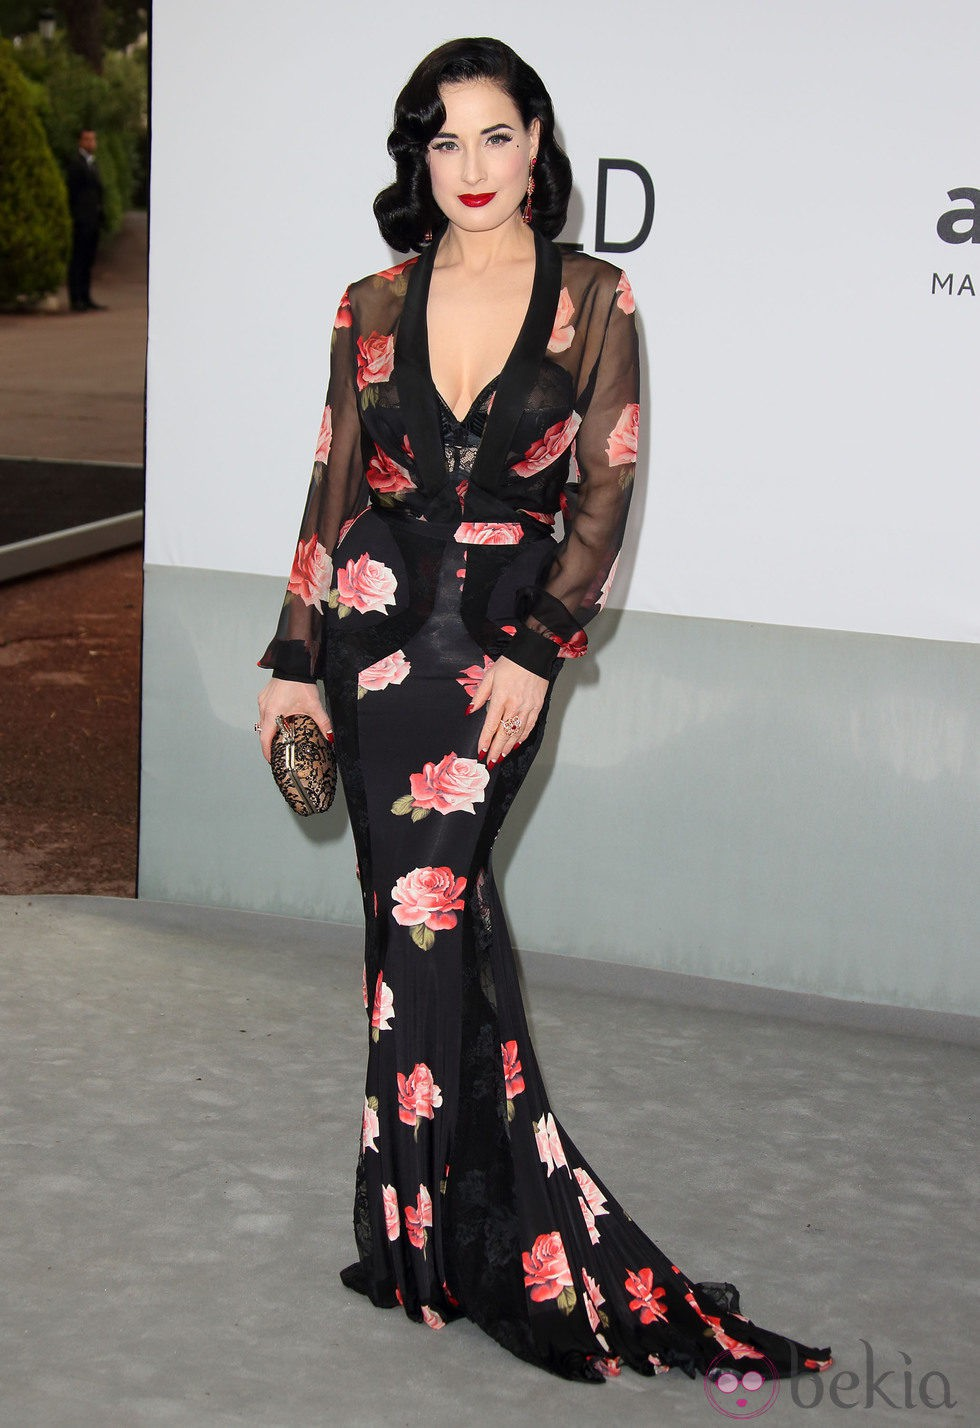 Dita Von Teese en la gala amfAR del Festival de Cannes 2014